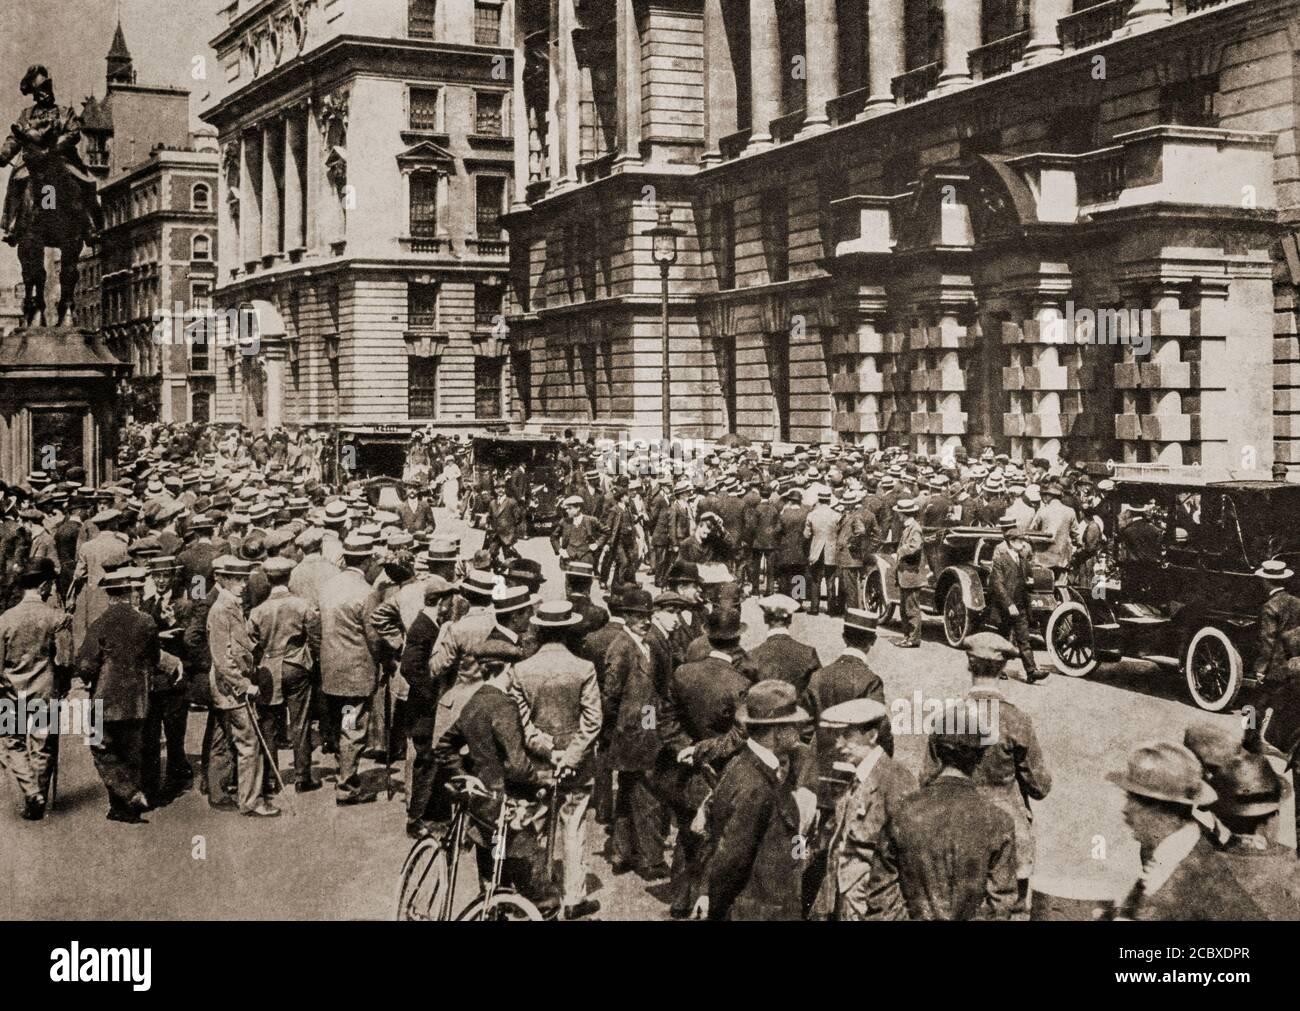 Des foules se rassemblent à Londres, le 4 août 1914, dans l'attente de nouvelles à la suite de l'invasion allemande de la Belgique. Il a suivi l'assassinat de l'archiduc François Ferdinand d'Autriche, héritier présomptif du trône austro-hongrois, à Sarajevo, le 28 juin 1914, par Gavrilo Princip, un serbe bosniaque, qui a finalement mené à la première Guerre mondiale Banque D'Images